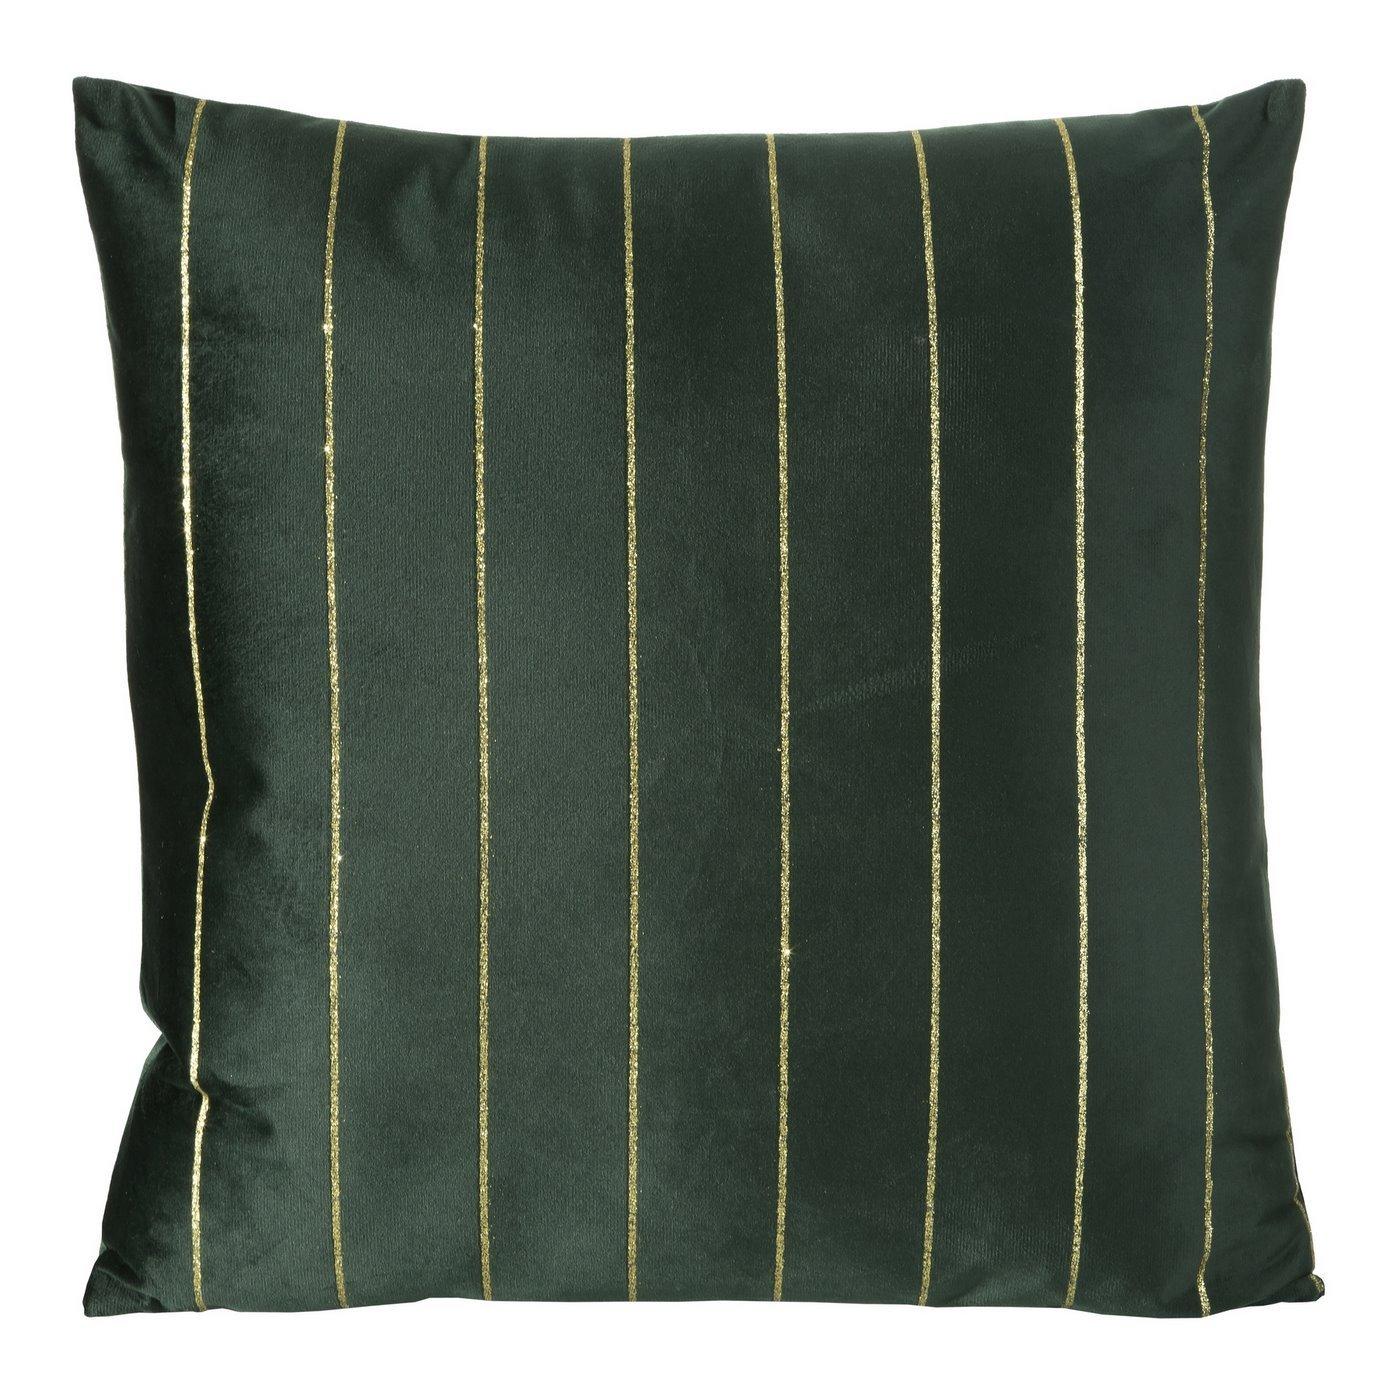 Poszewka dekoracyjna na poduszkę 45 x 45 kolor zielony